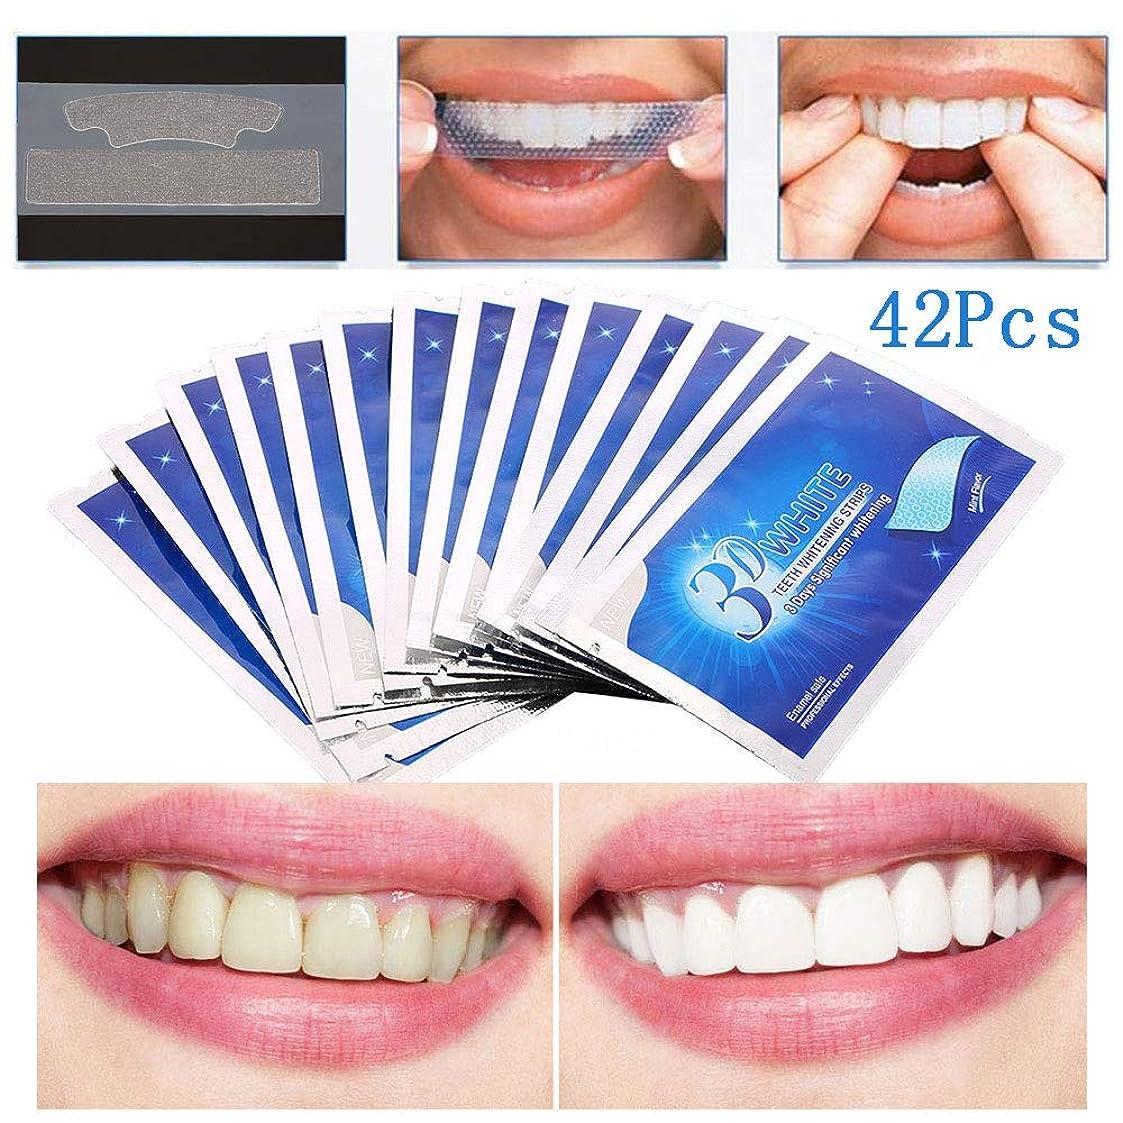 クリスチャンしたいループストリップを白くする歯、歯科心配用キット、ゲルの漂白システムクリーニングの歯を白くする伸縮性がある高度な歯14 x 3 PC